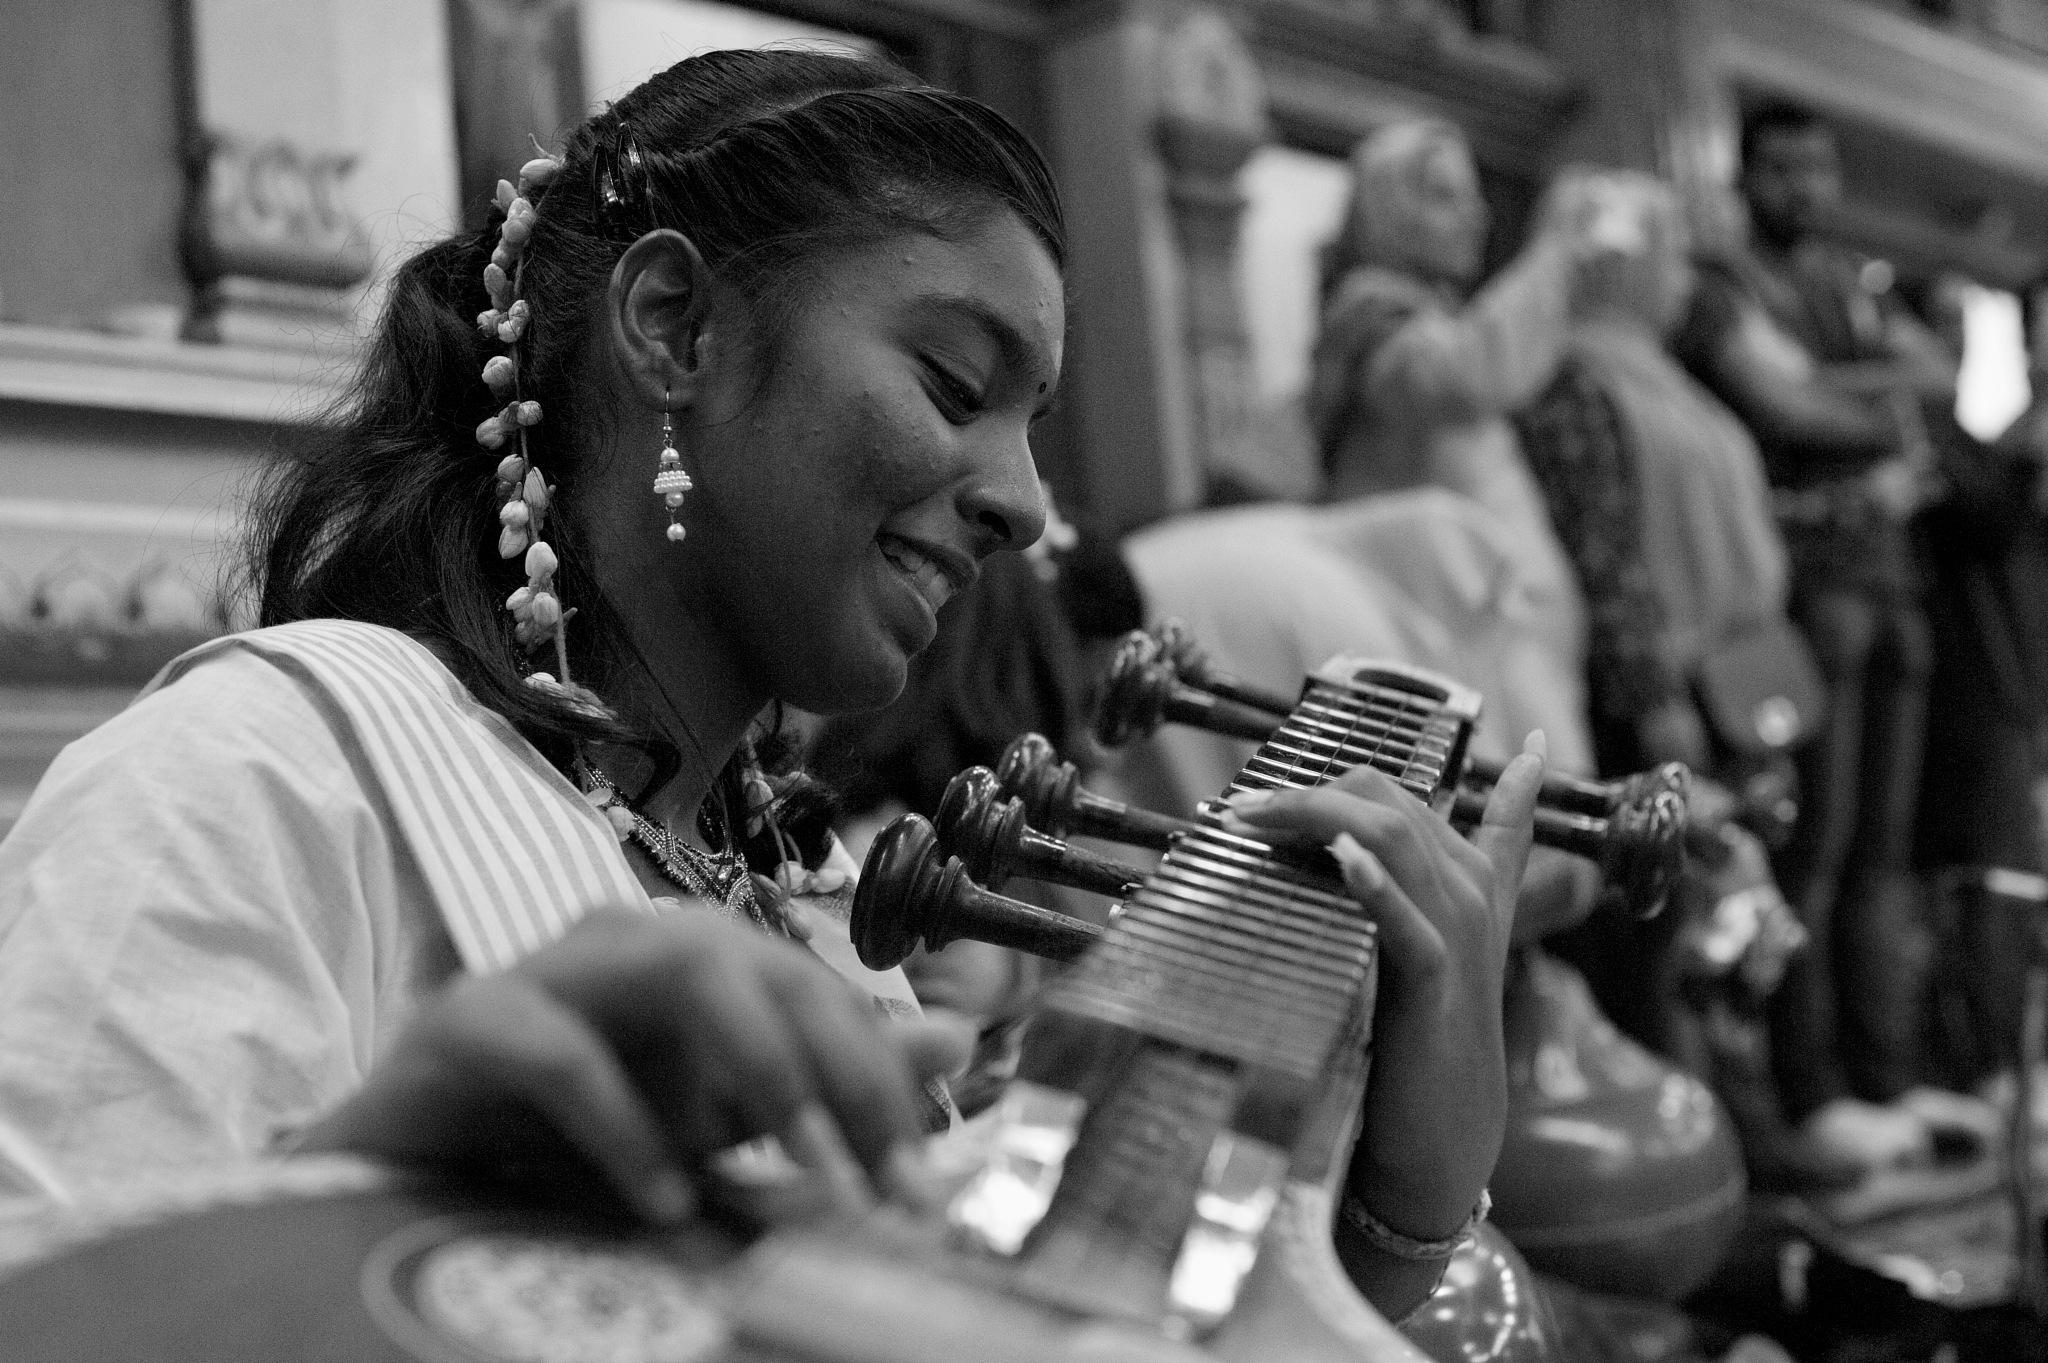 musician by Mustaffa Tapa Otai